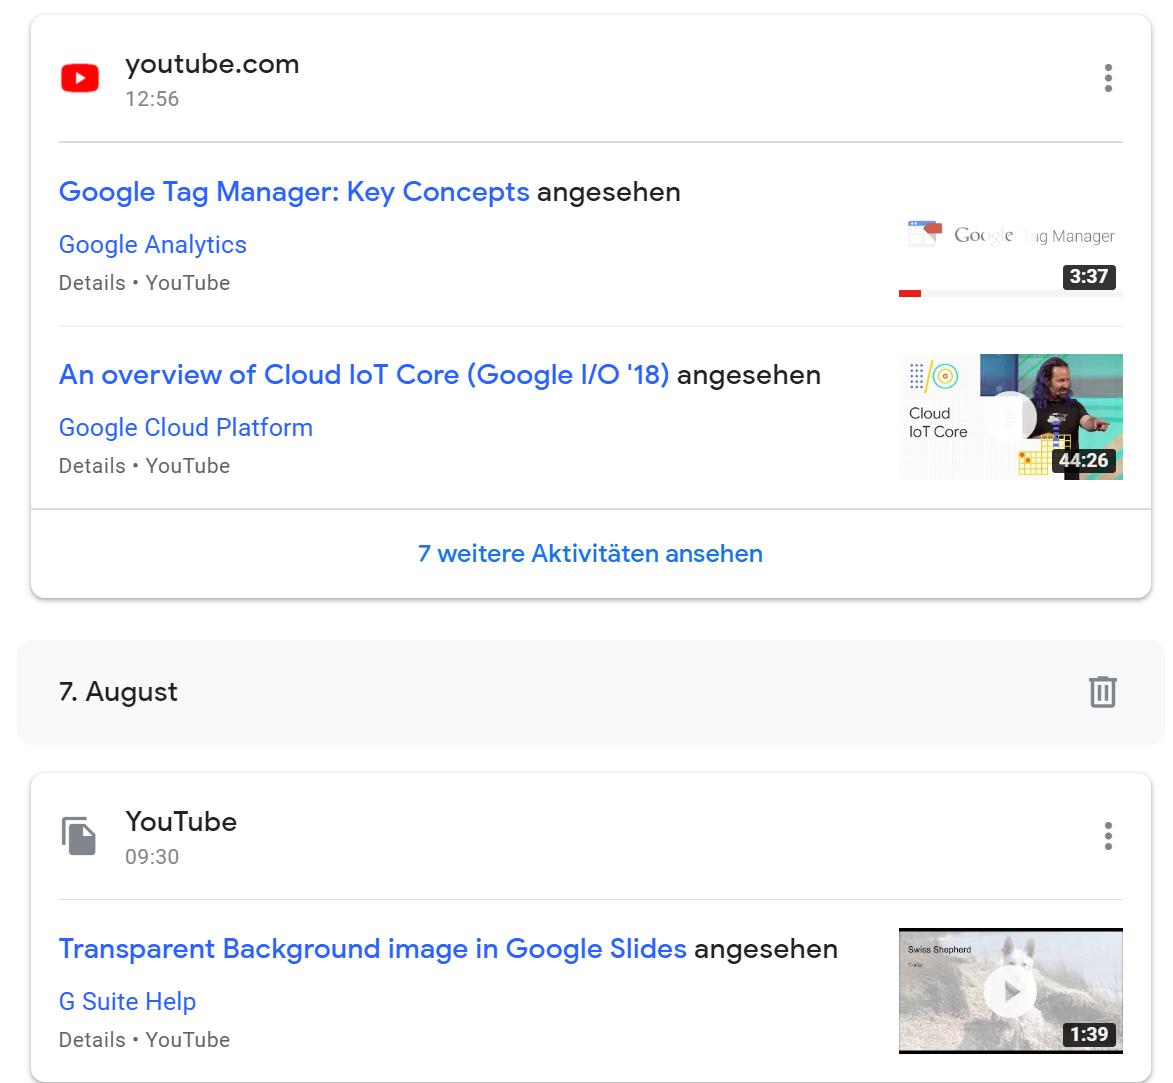 Google-My-Activity-Öberfläche-1 Google My Activity - mehr Transparenz für Suchende